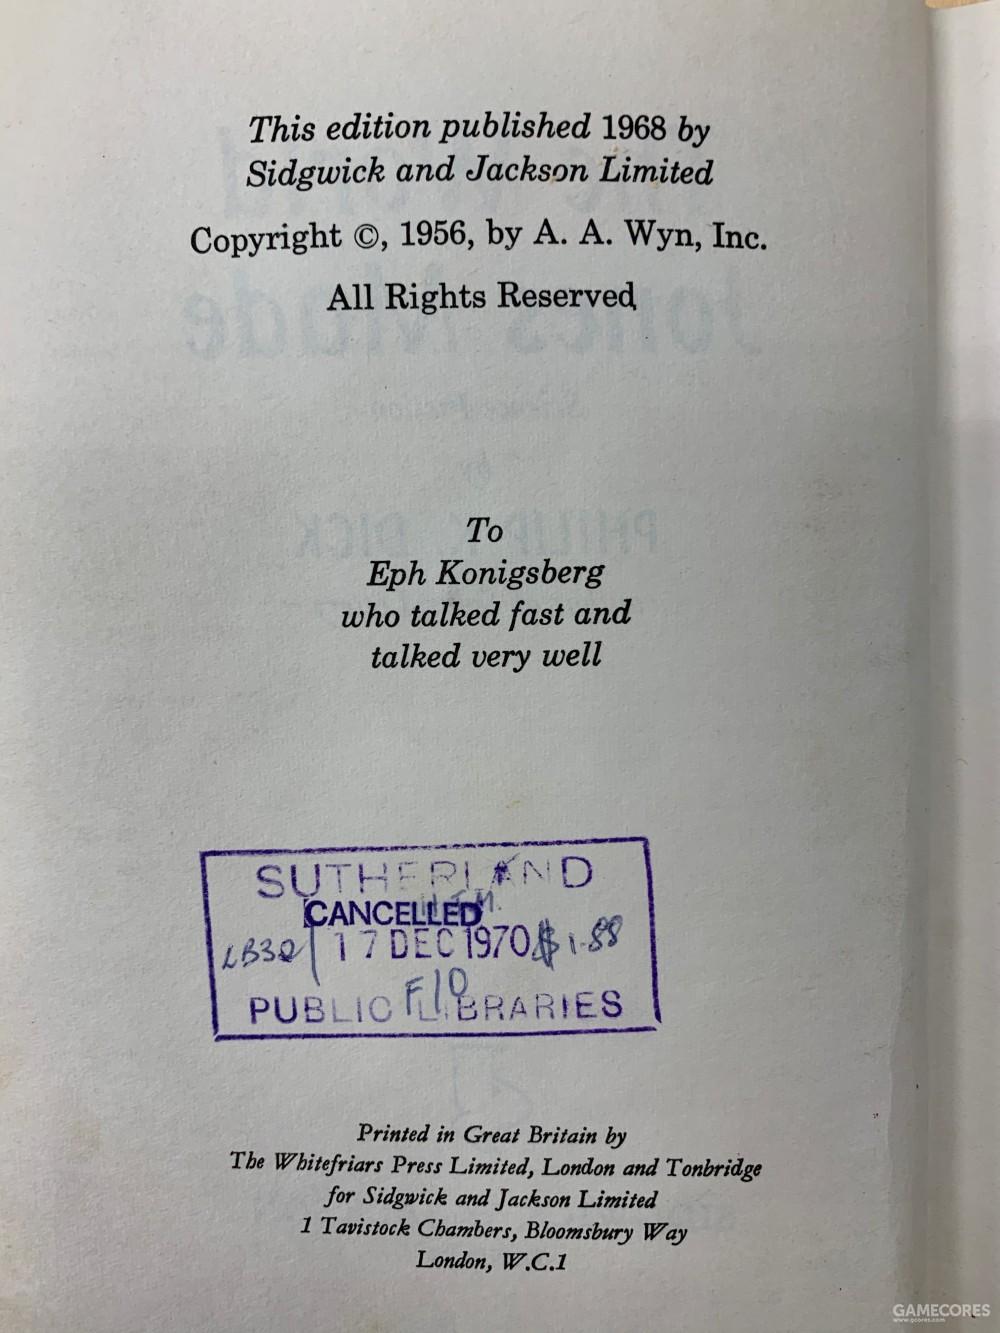 版权页,可见直至1968年,此书版权仍在Ace手里,A. A. Wyn即是Ace贪得无厌,压榨作者的老板